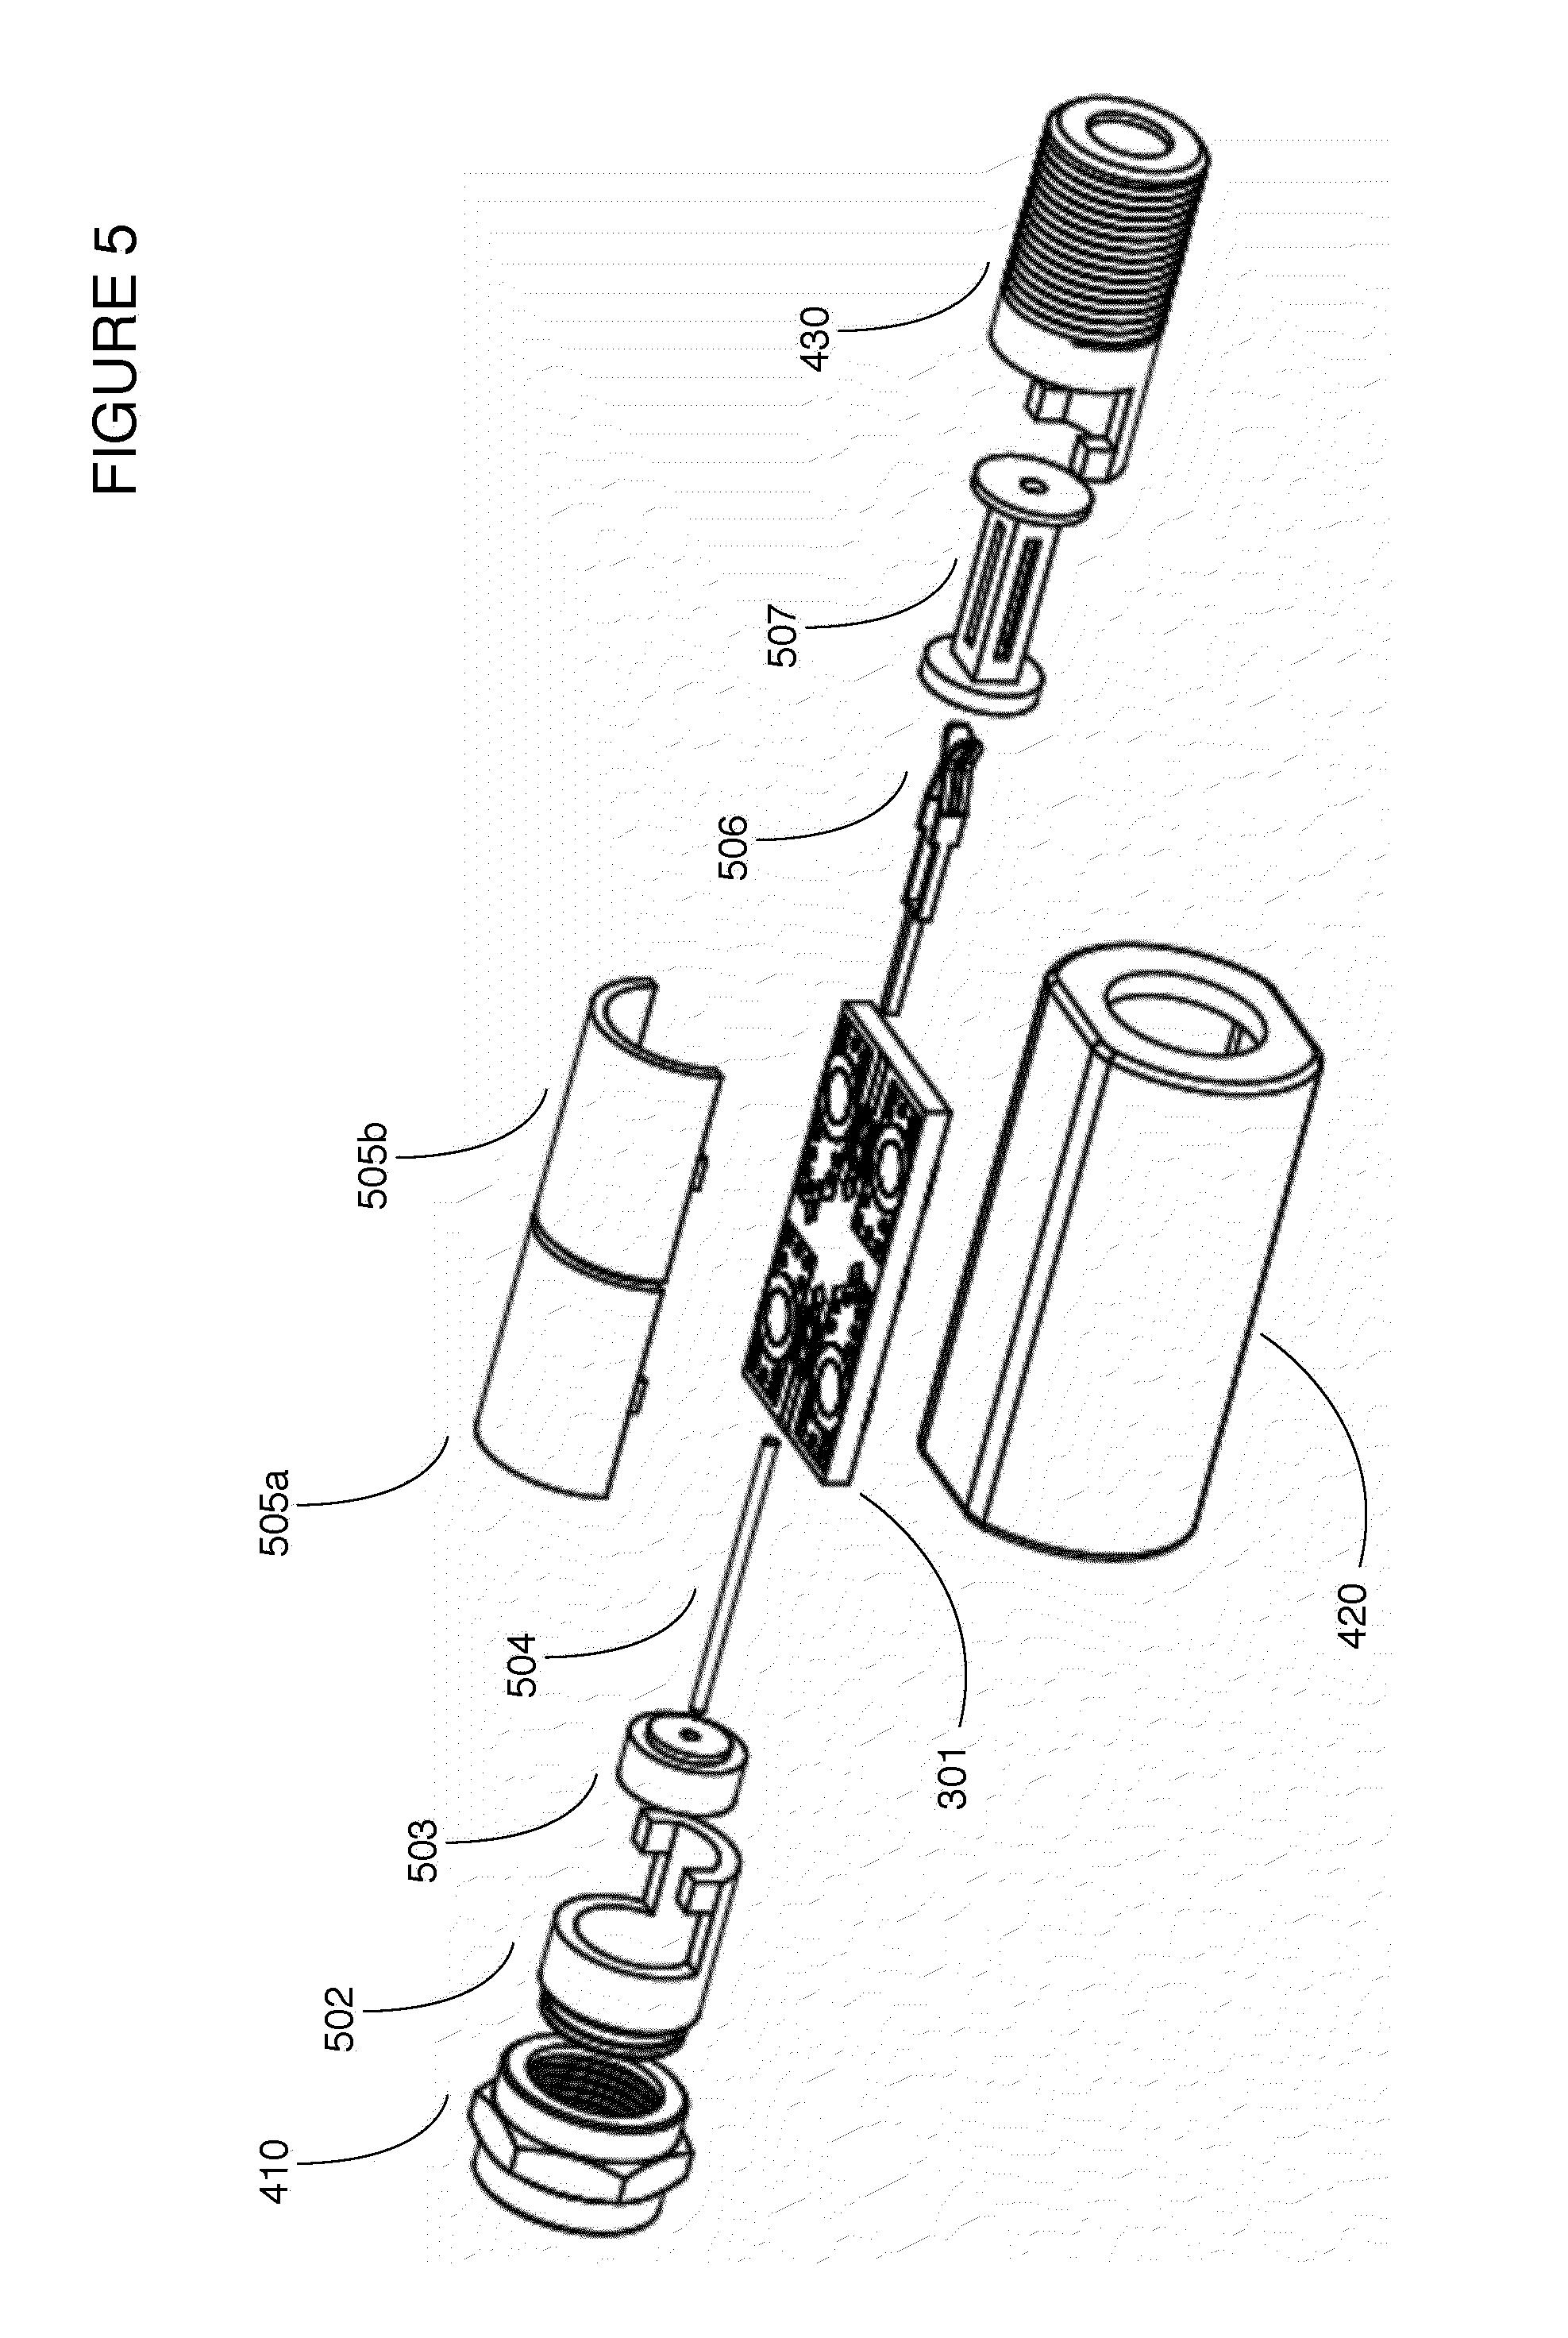 patent us20110248801